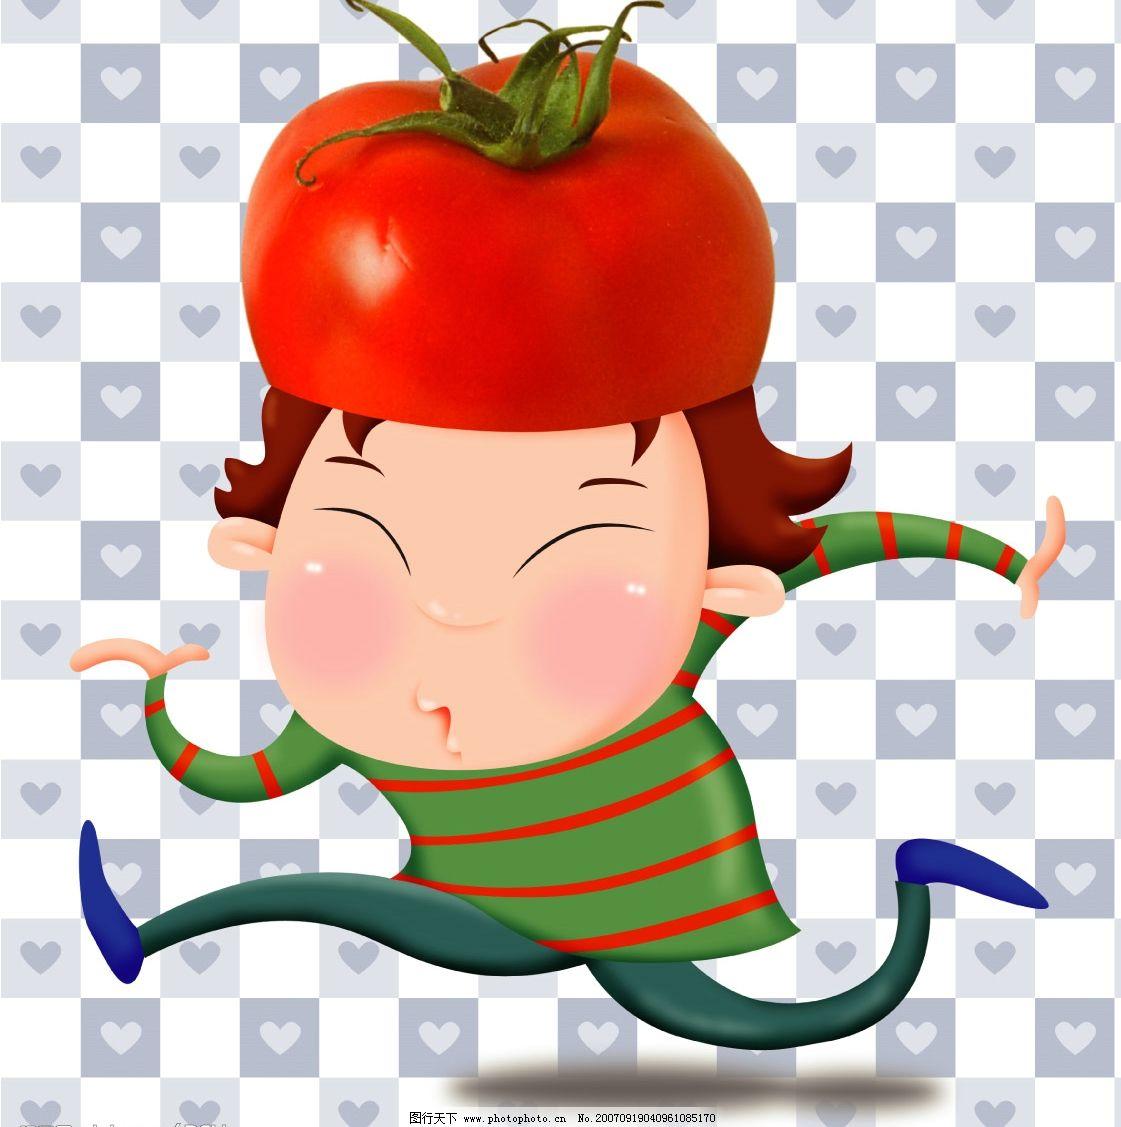 番茄女孩 儿童 矢量儿童 韩国儿童矢量图 卡通儿童矢量图 儿童矢量